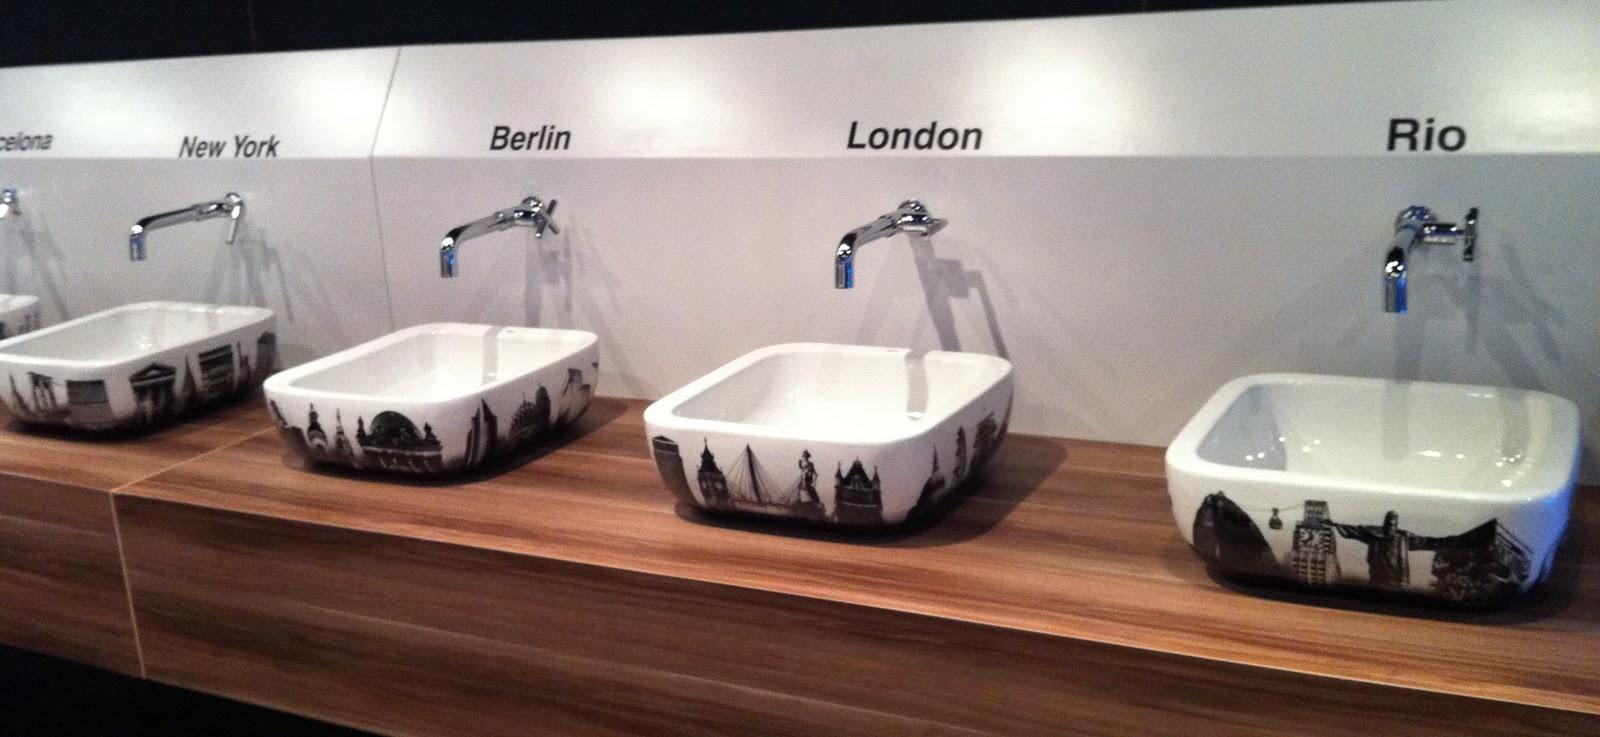 Decorando com Classe Kitchen and Bath  Pias -> Torneira Plastica Para Pia De Banheiro